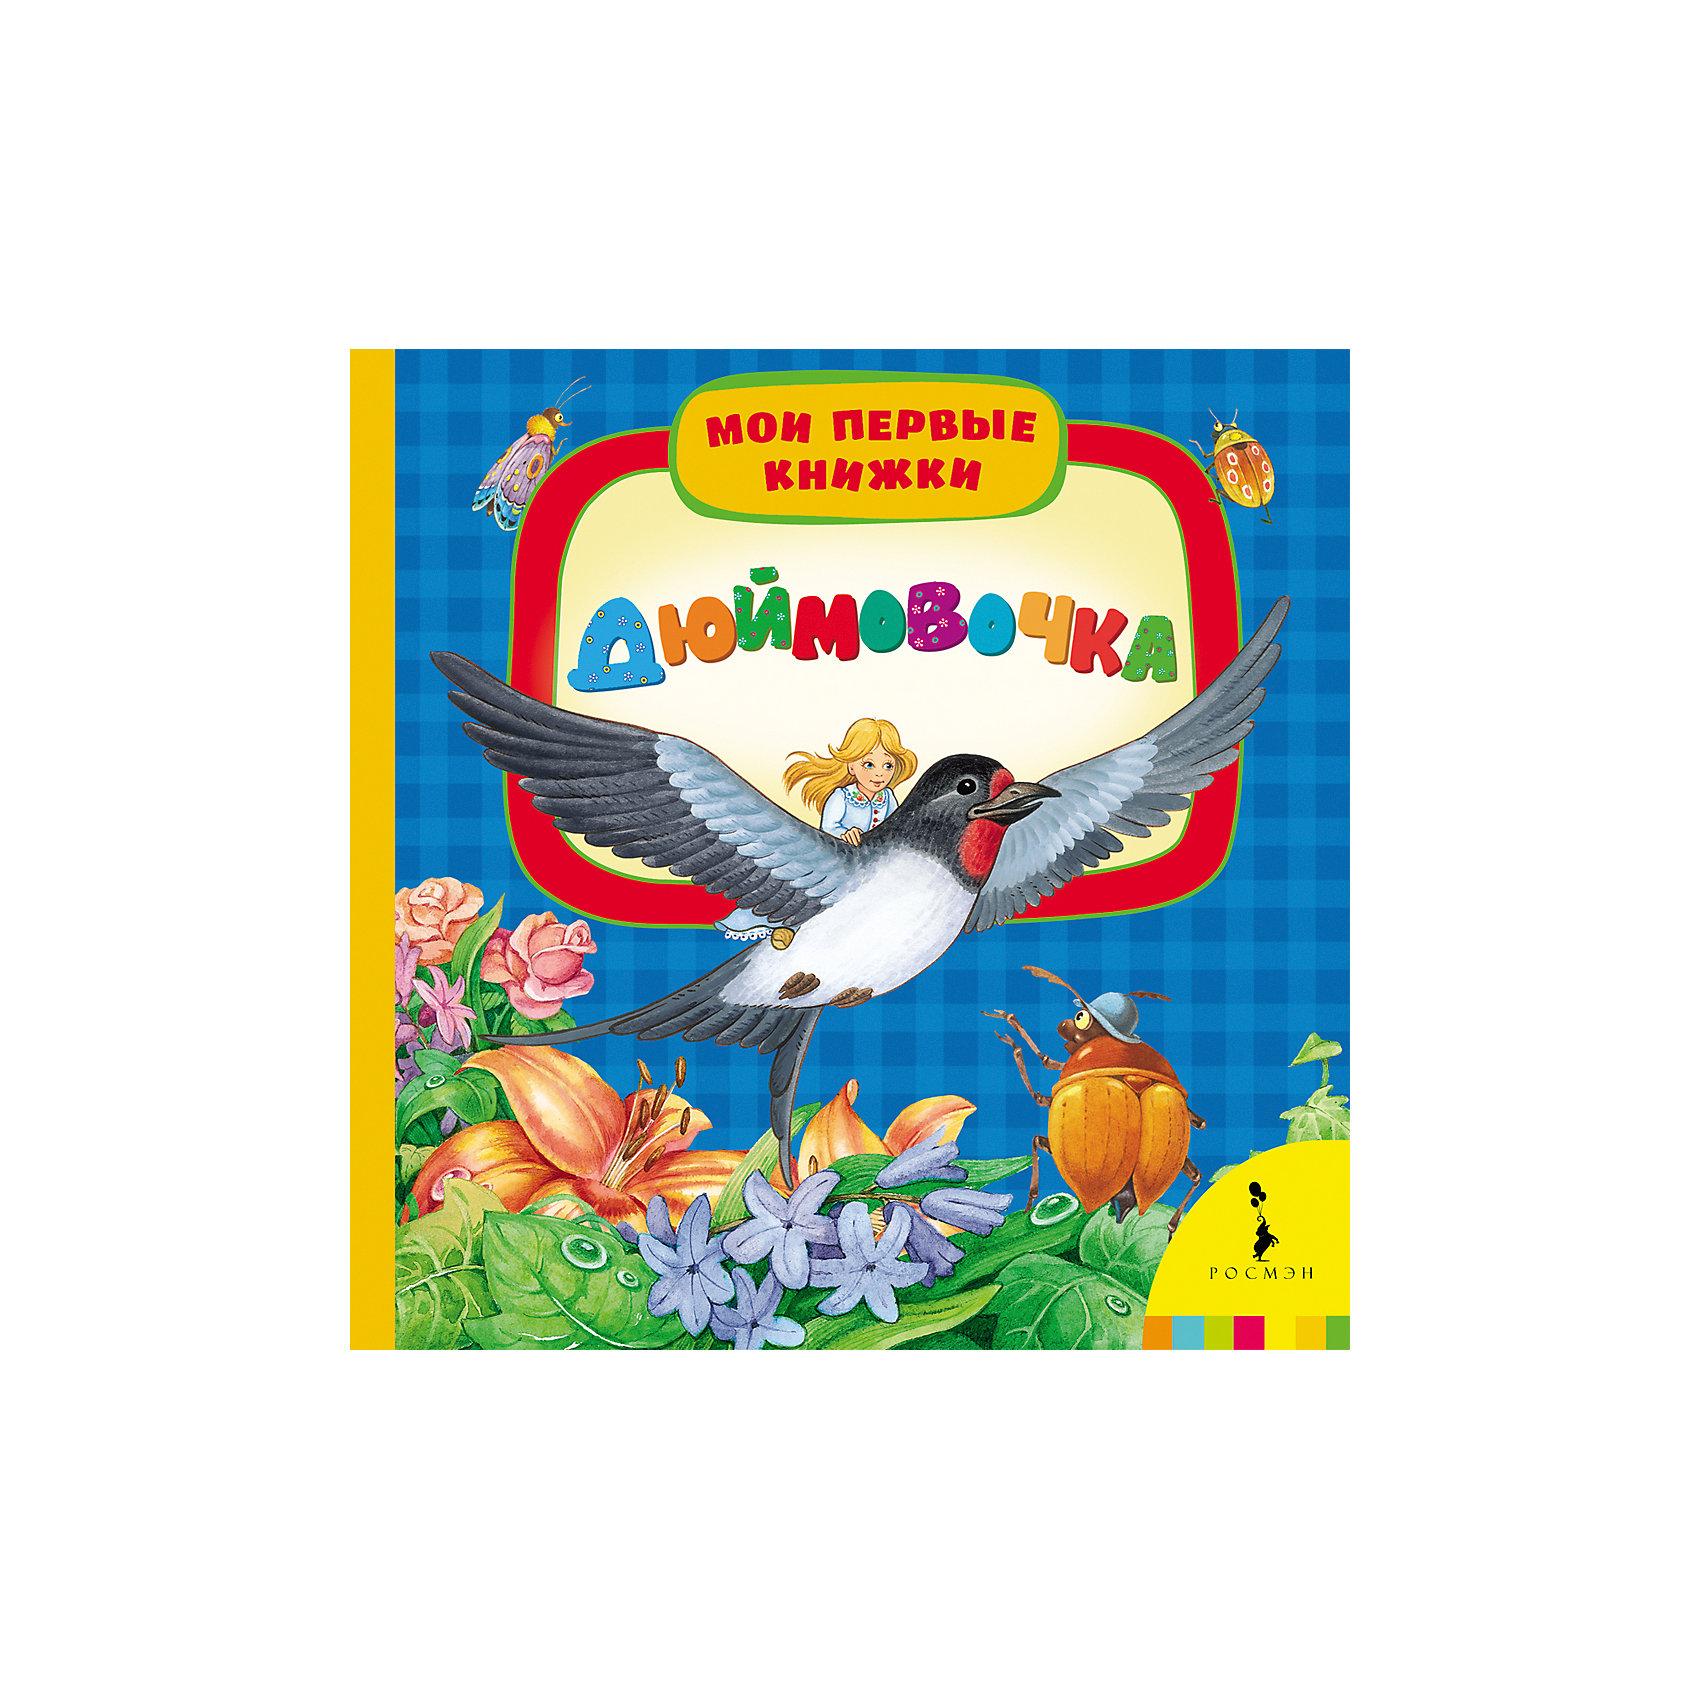 Дюймовочка, Мои первые книжкиХарактеристики товара:<br><br>- цвет: разноцветный;<br>- материал: бумага;<br>- страниц: 14;<br>- формат: 17 х 17 см;<br>- обложка: картон;<br>- возраст: от 1 года. <br><br>Издания серии Мои первые книжки - отличный способ занять ребенка! Эта красочная книга станет отличным подарком для родителей и малыша. Она содержит в себе известные сказки, которые так любят дети. Отличный способ привить малышу любовь к чтению! Удобный формат и плотные странички позволят брать книгу с собой в поездки.<br>Чтение и рассматривание картинок даже в юном возрасте помогает ребенку развивать память, концентрацию внимания и воображение. Издание произведено из качественных материалов, которые безопасны даже для самых маленьких.<br><br>Издание Дюймовочка, Мои первые книжки от компании Росмэн можно купить в нашем интернет-магазине.<br><br>Ширина мм: 165<br>Глубина мм: 165<br>Высота мм: 18<br>Вес г: 305<br>Возраст от месяцев: 0<br>Возраст до месяцев: 36<br>Пол: Унисекс<br>Возраст: Детский<br>SKU: 5110295